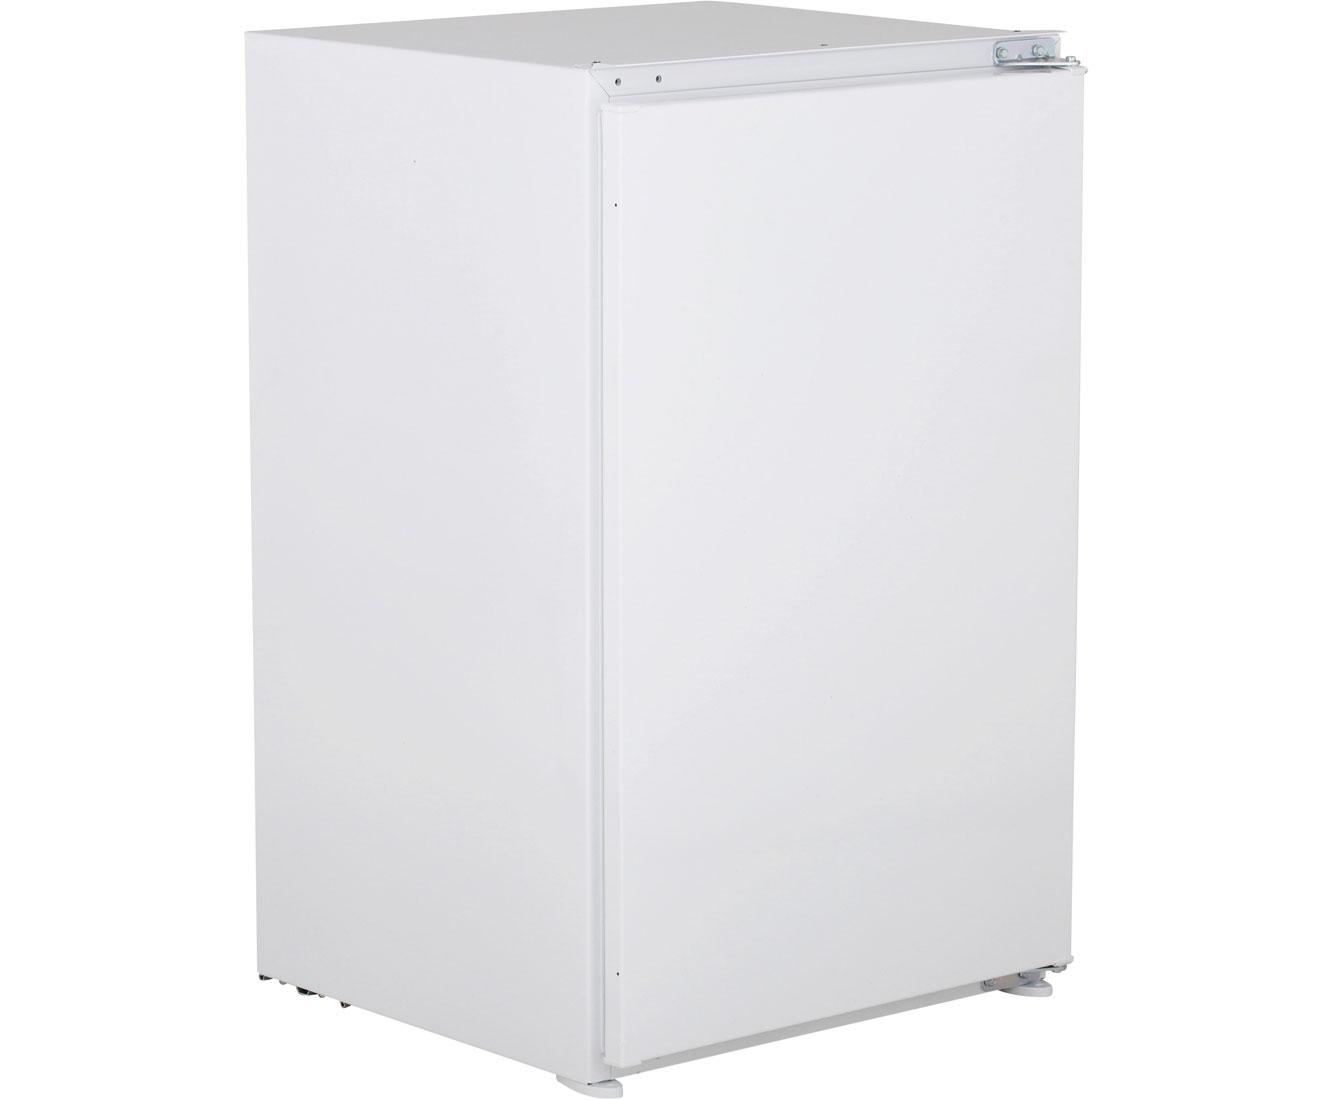 Gorenje Kühlschrank Gefrierfach Abtauen : Gorenje rbi aw einbau kühlschrank mit gefrierfach er